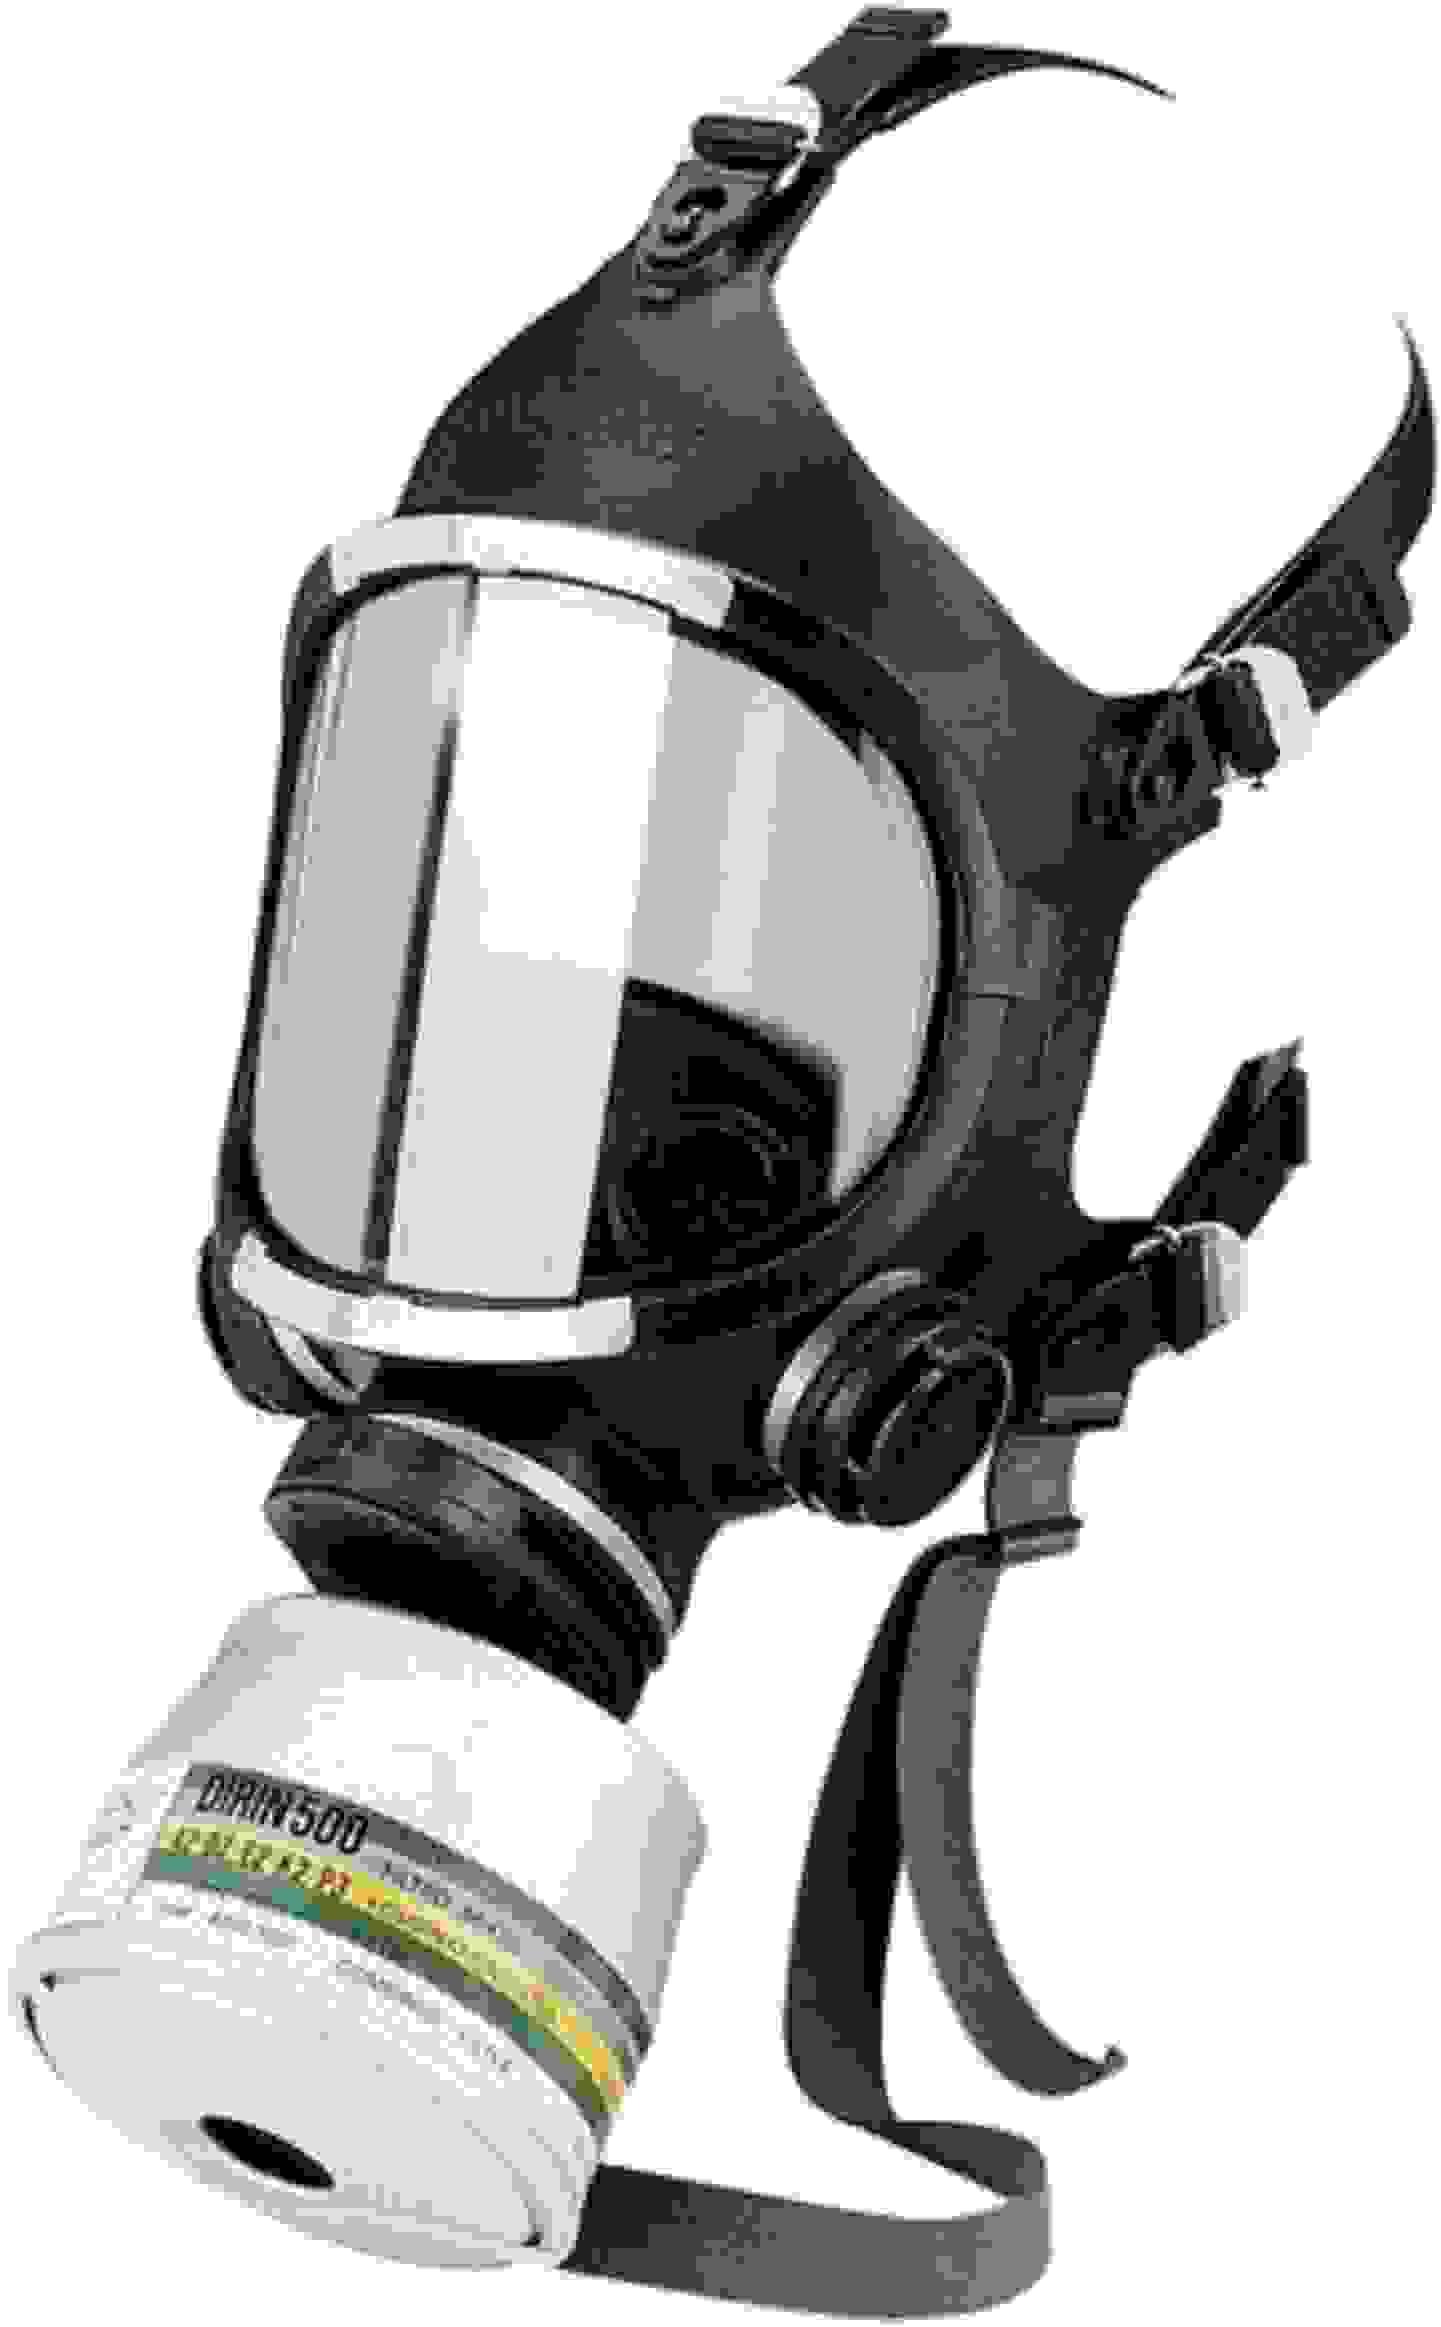 Atemschutzmaske mit Filterkartusche